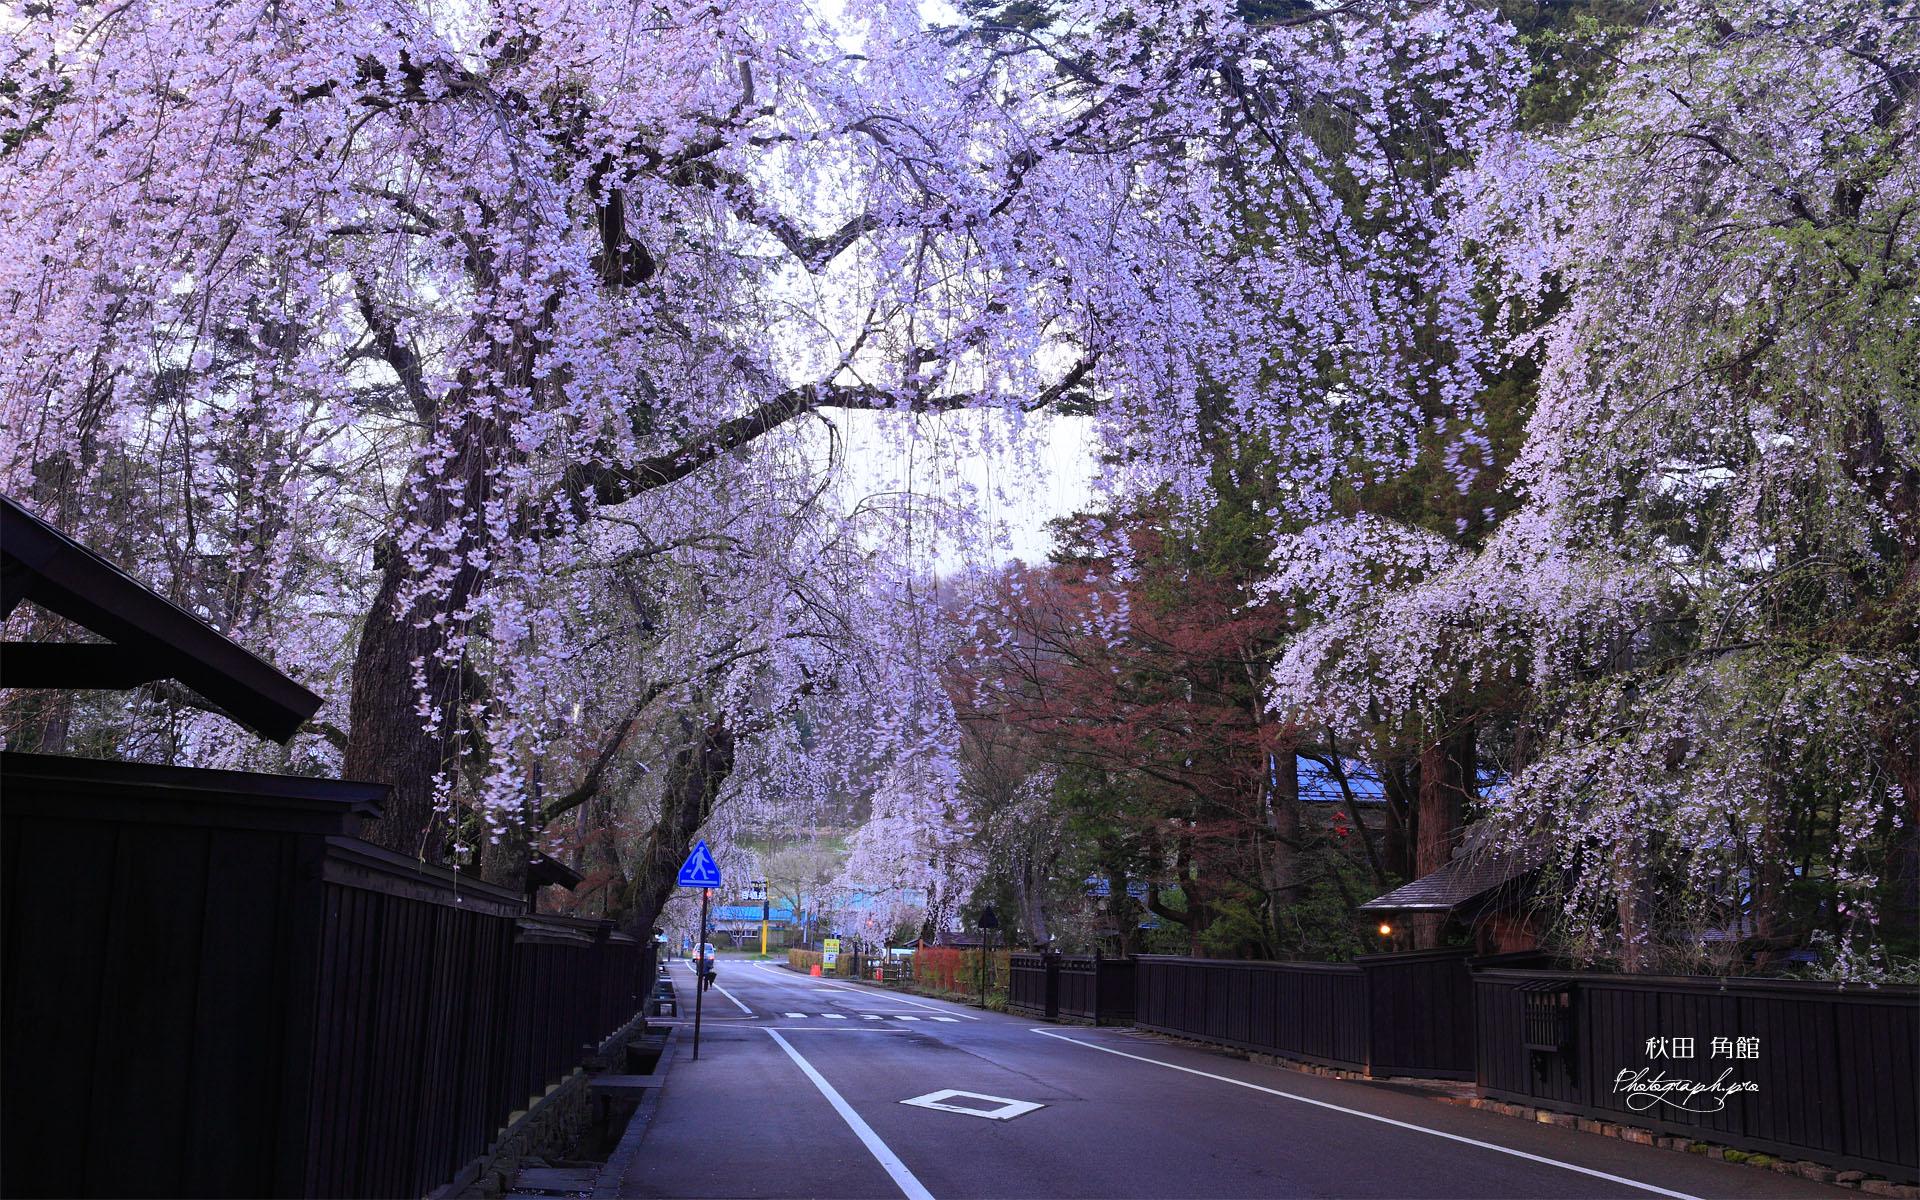 角館武家屋敷通りの枝垂れ桜 「角館武家屋敷通りの枝垂れ桜」の壁紙はWUXGAディスプレイ(1